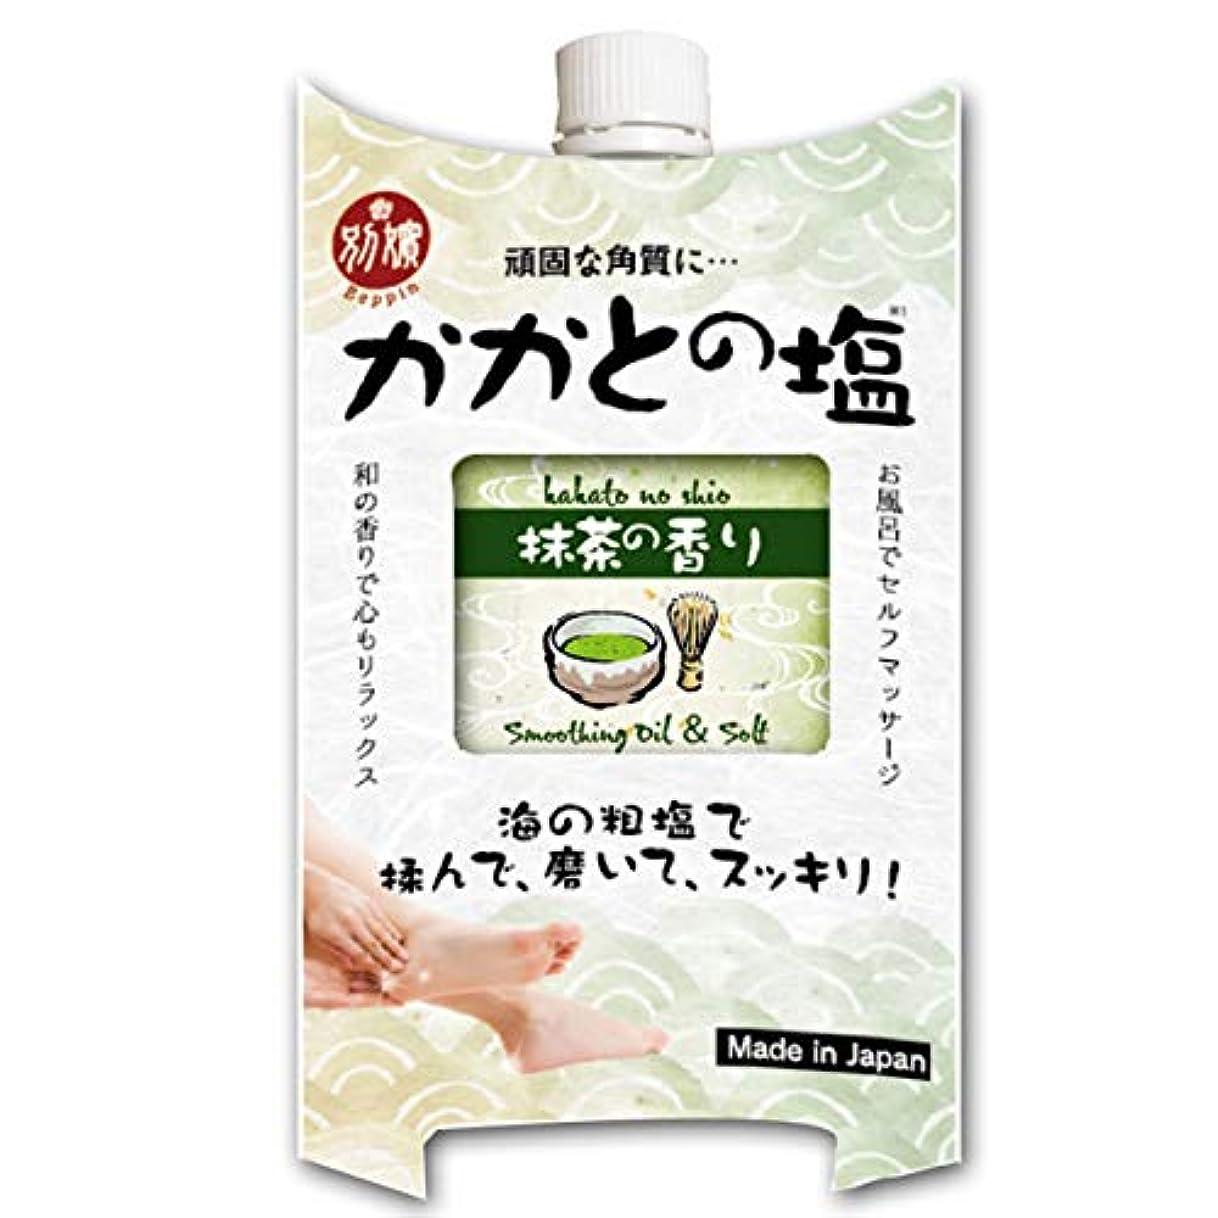 持続するはねかける特徴[ドットジャパン] 溶かさない 角質ケア 角質取り かかとの塩 お風呂でセルフマッサージ 日本製 (抹茶)